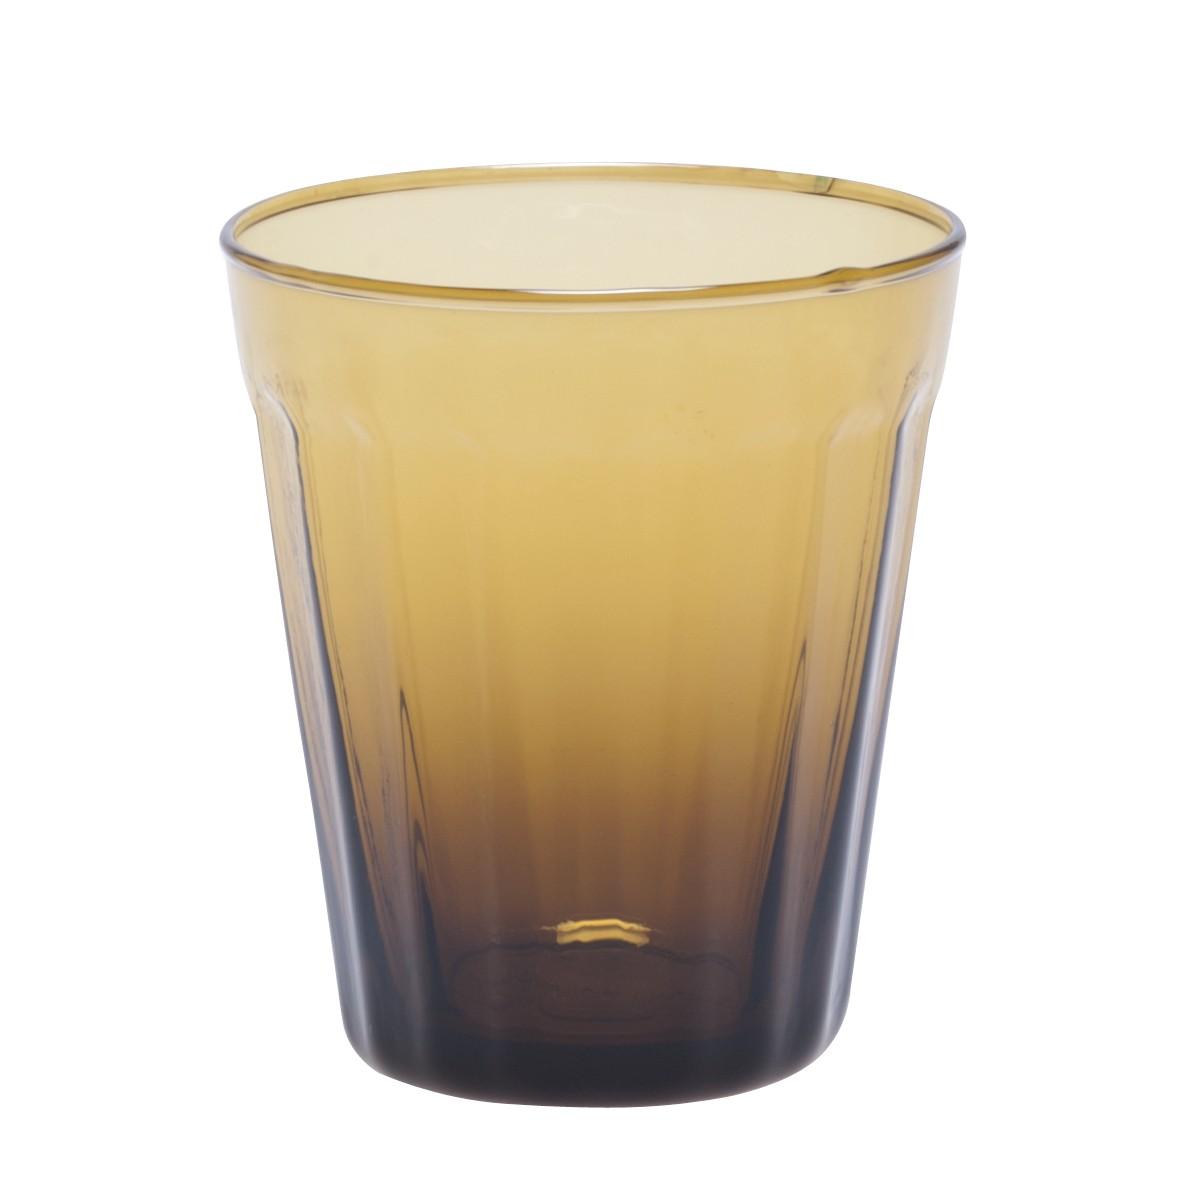 Weinglas Lucca (6er-Set) – Glas – Olivgrün, BITOSSI HOME günstig bestellen